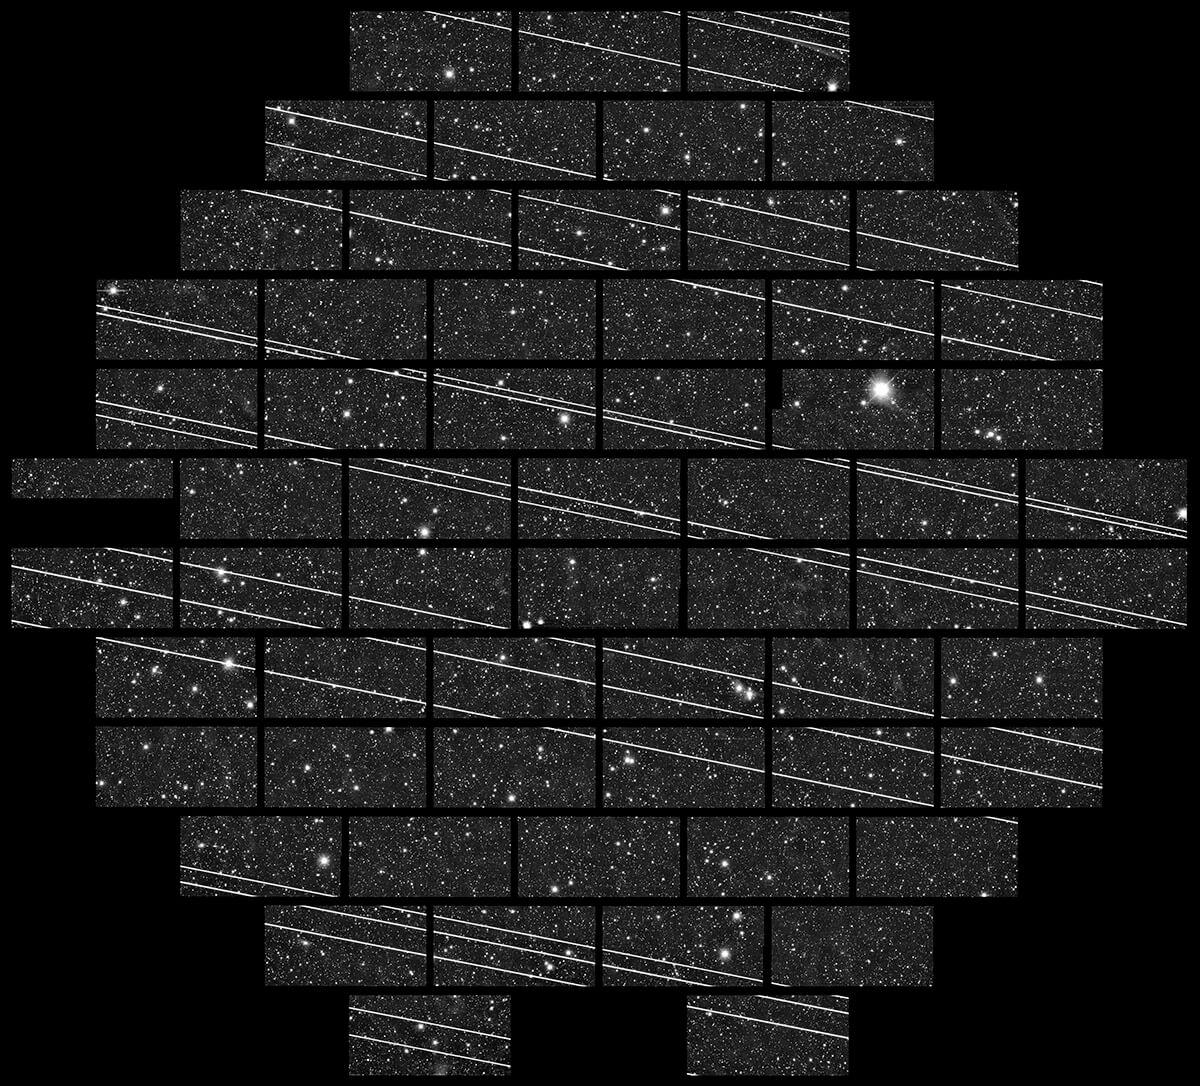 Starlink satellites streak across telescope images of the stars.